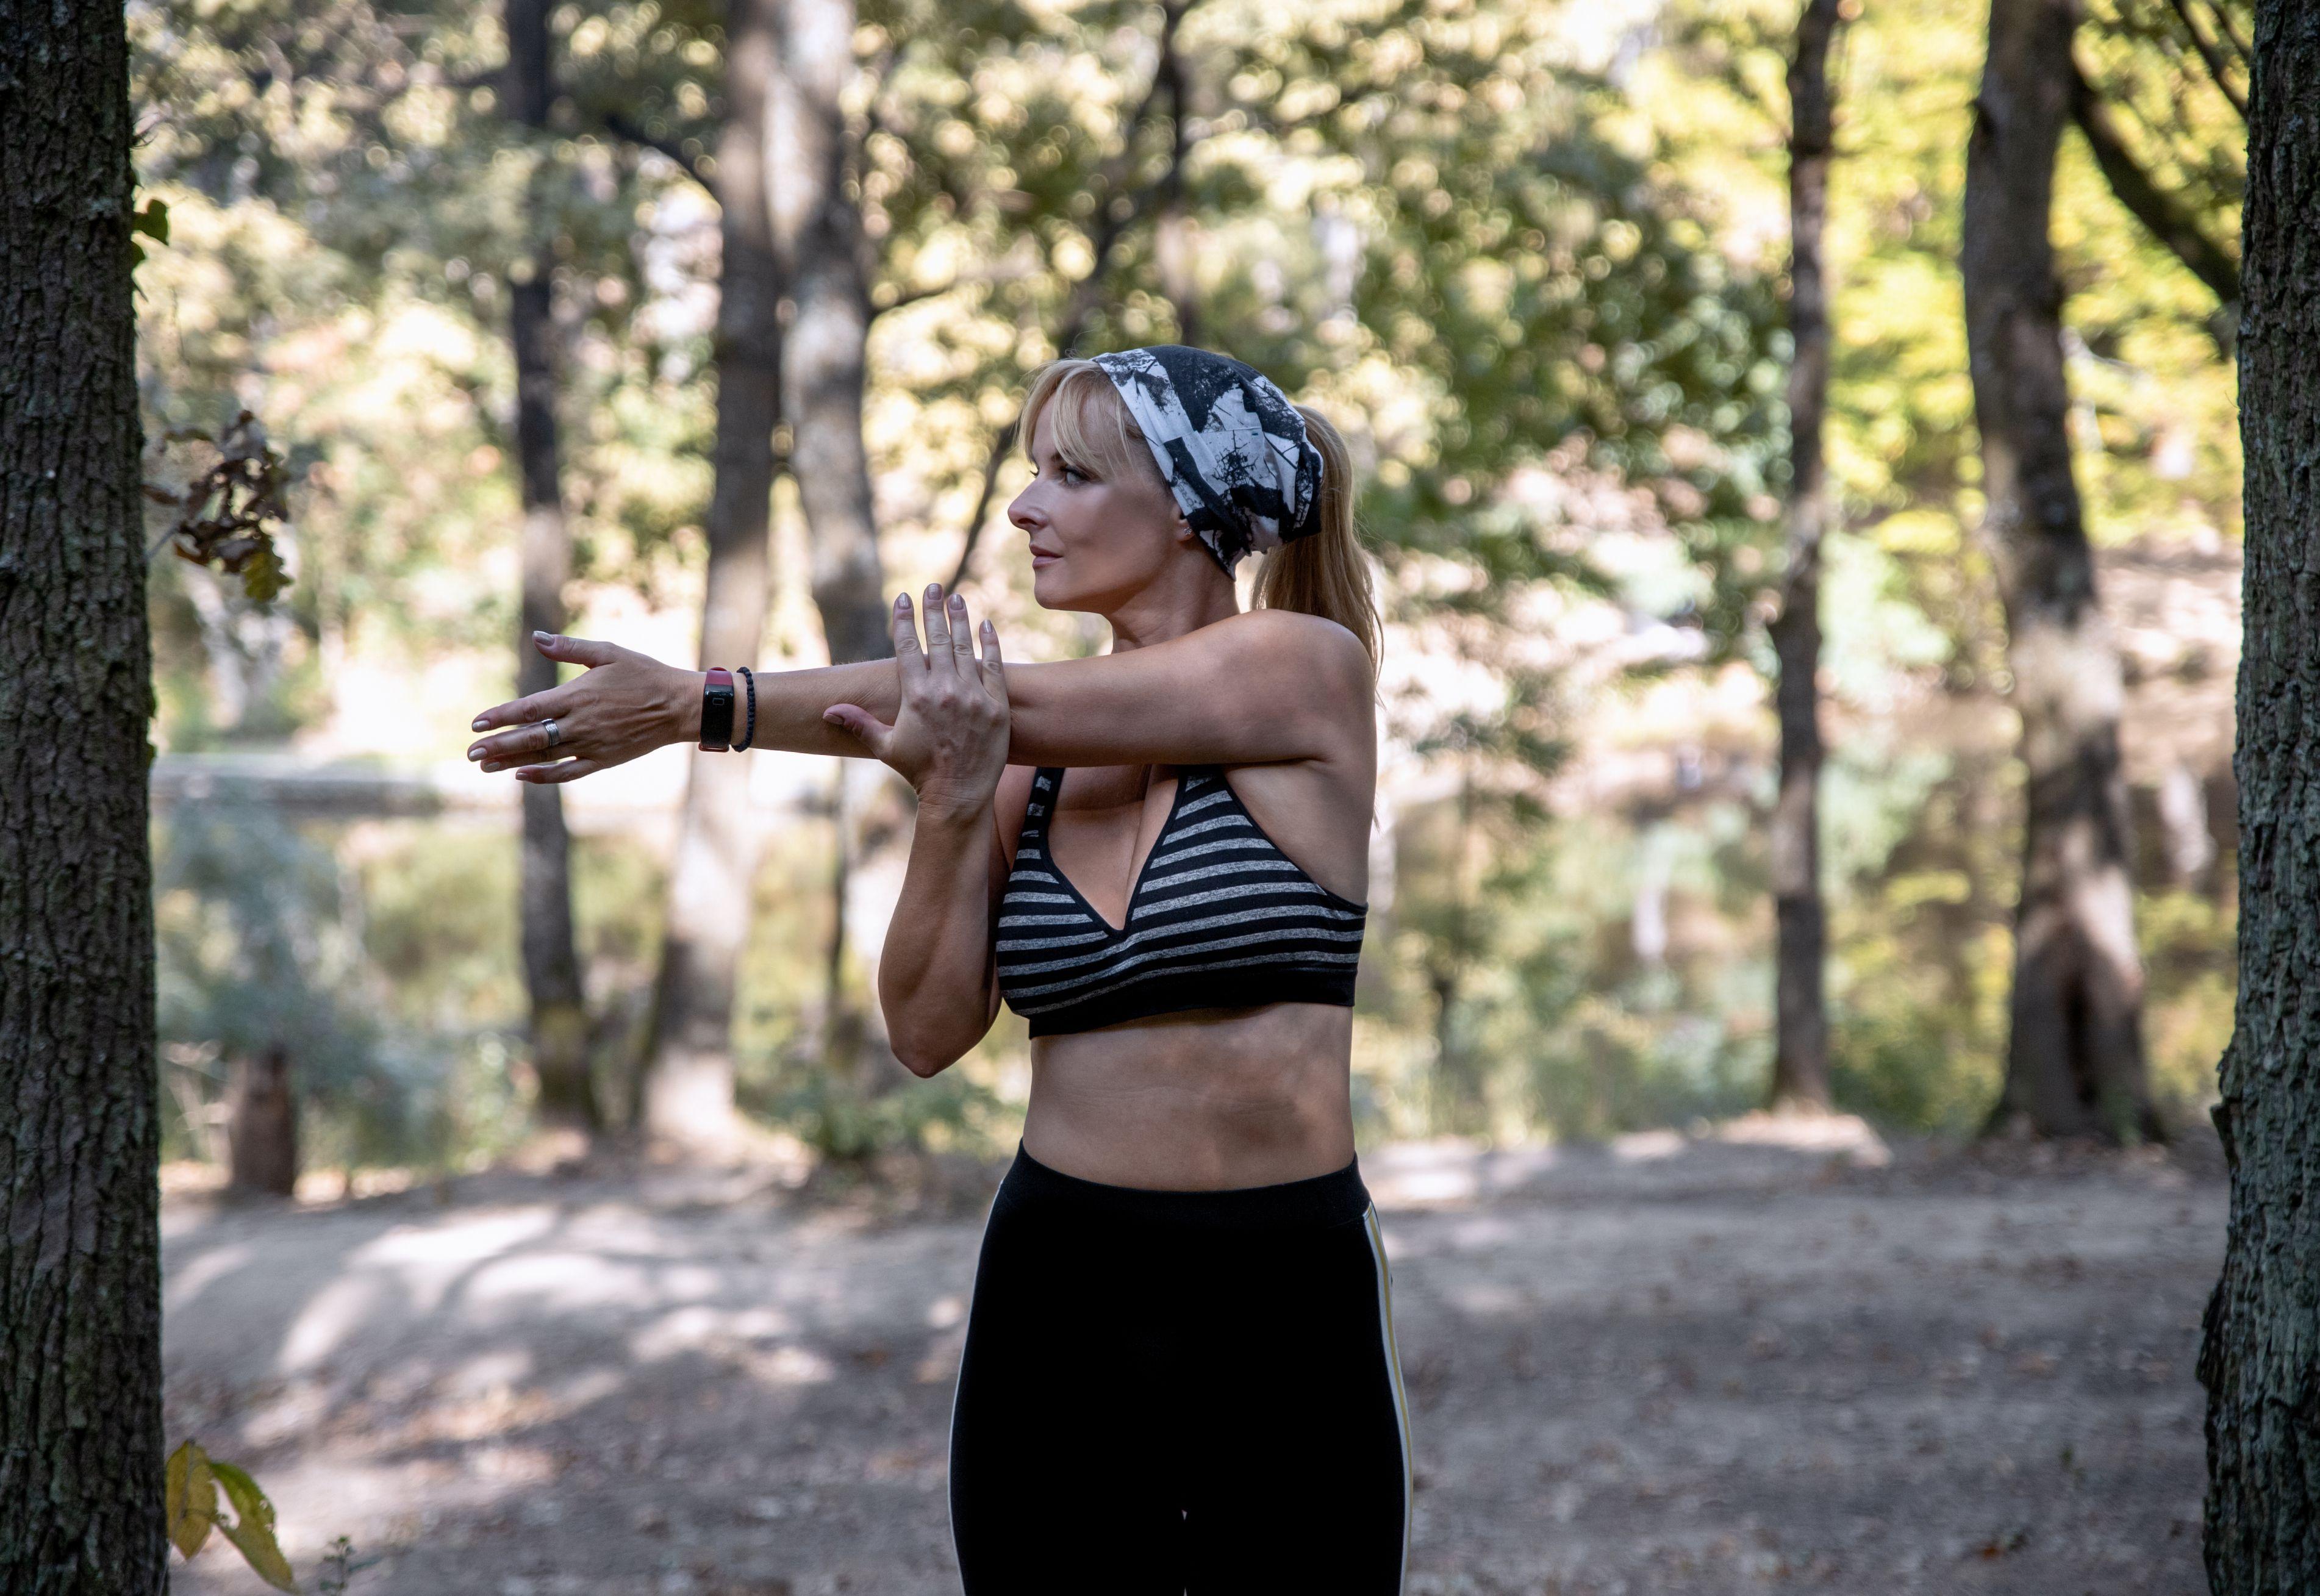 Frau mit Top bei Sportübungen